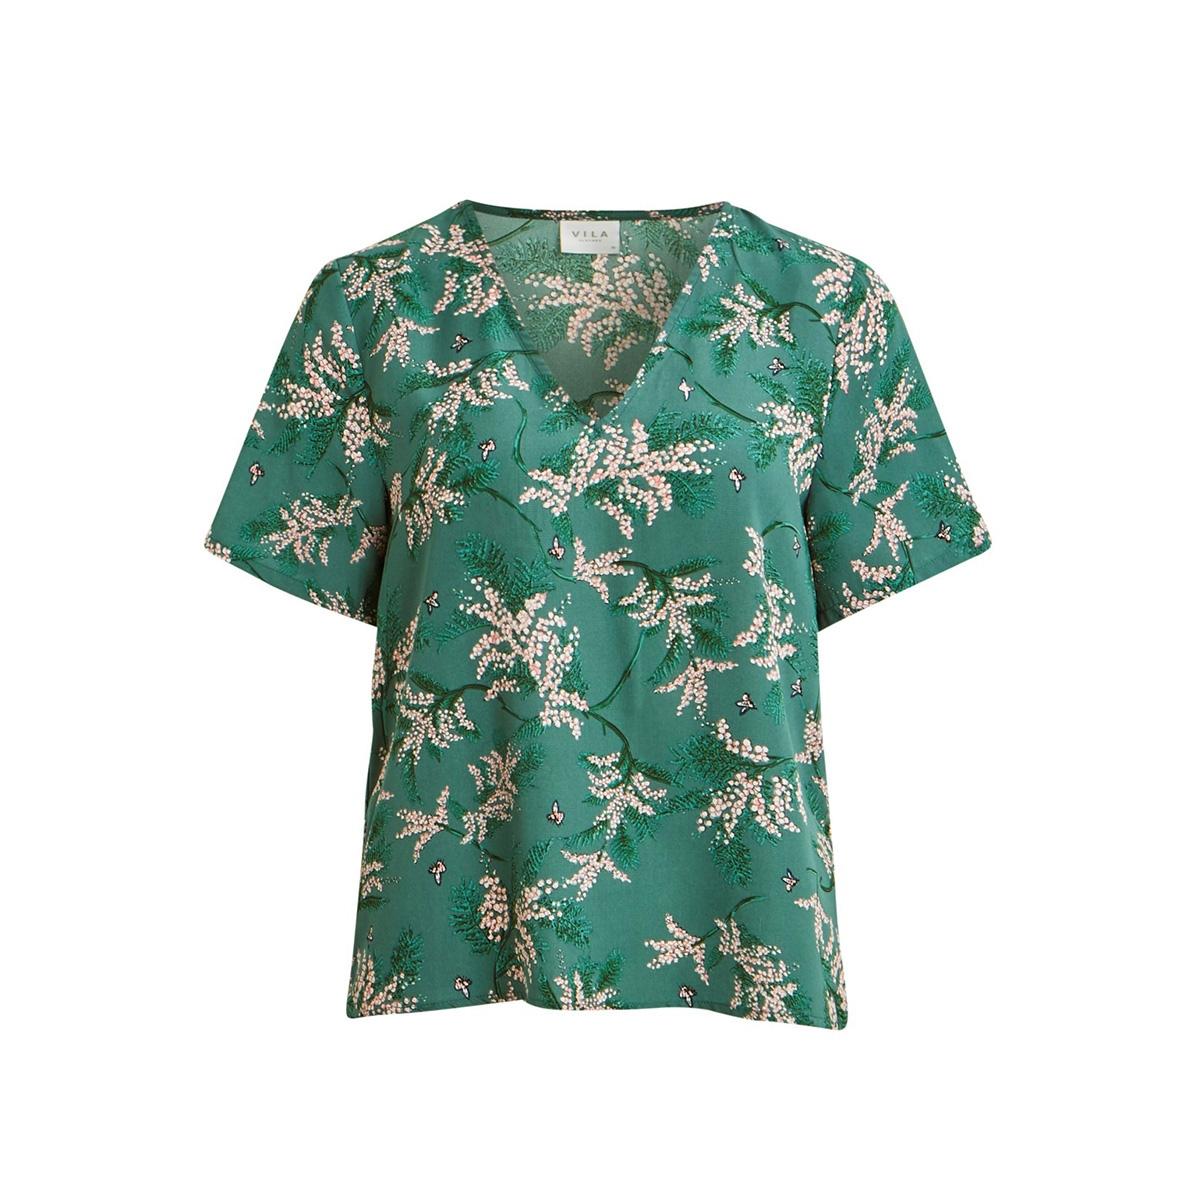 vimulta s/s top /rx 14056015 vila t-shirt bayberry/flowers aop